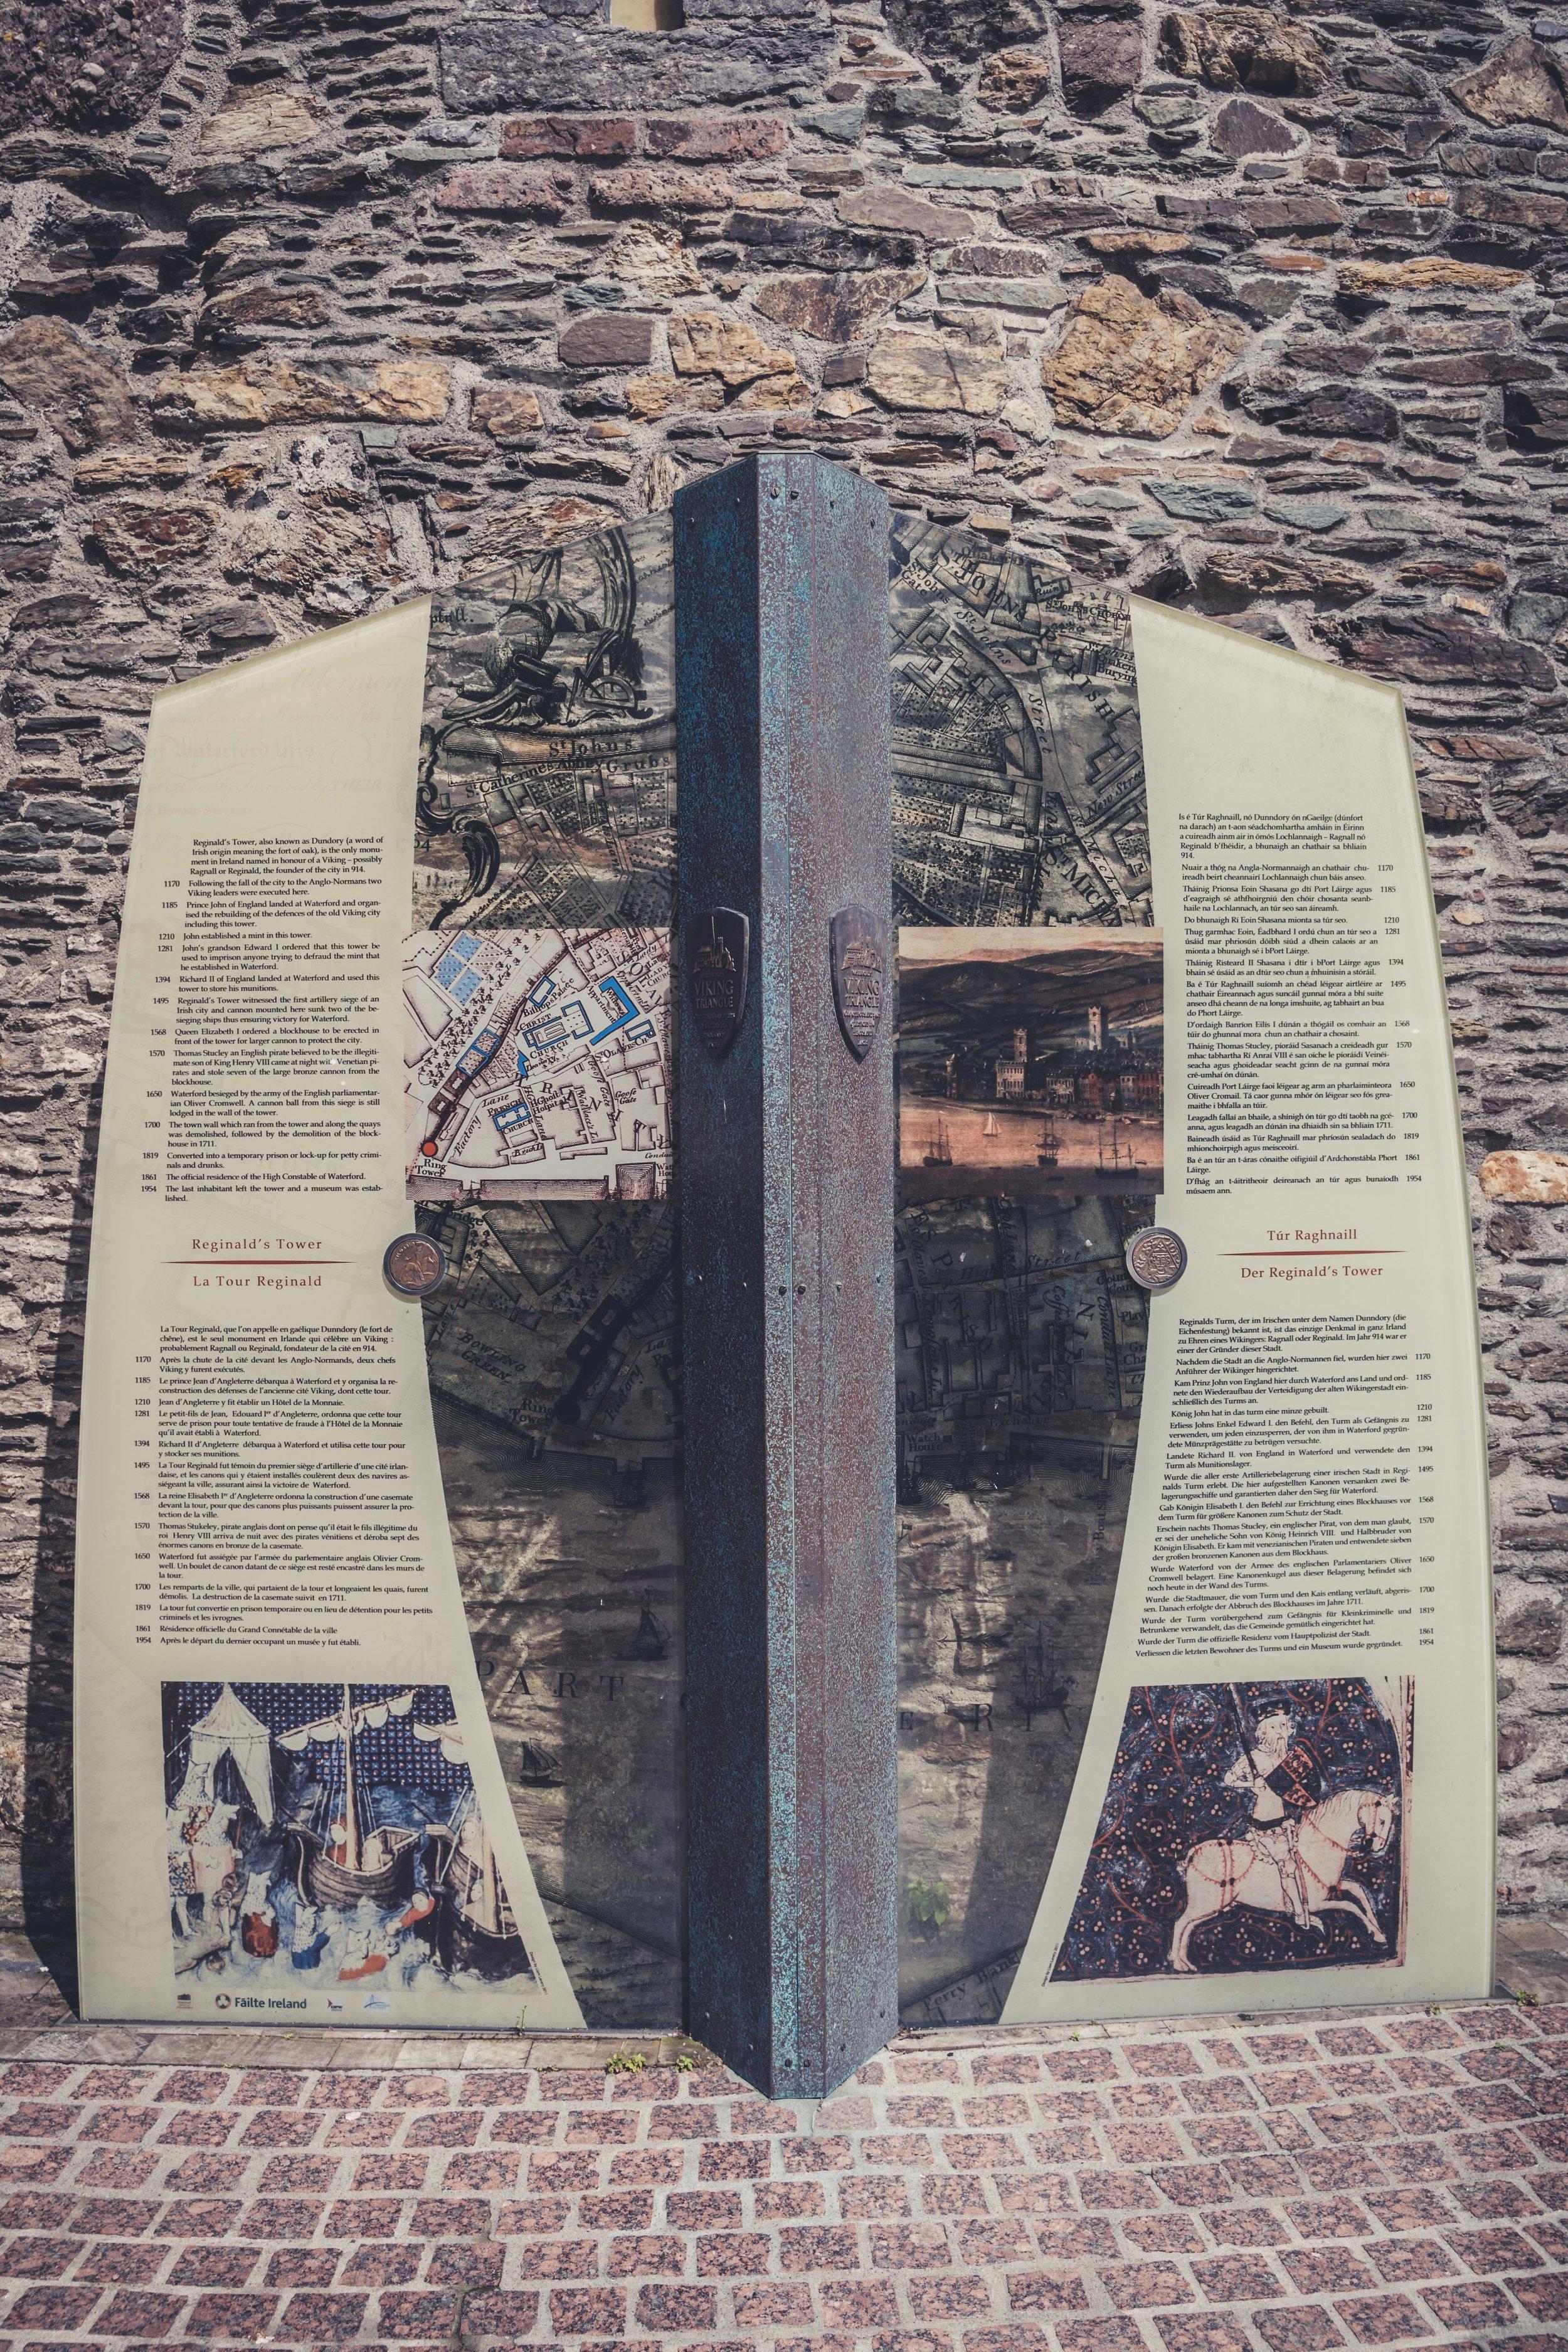 Reginald's Tower waterford ireland info.jpg